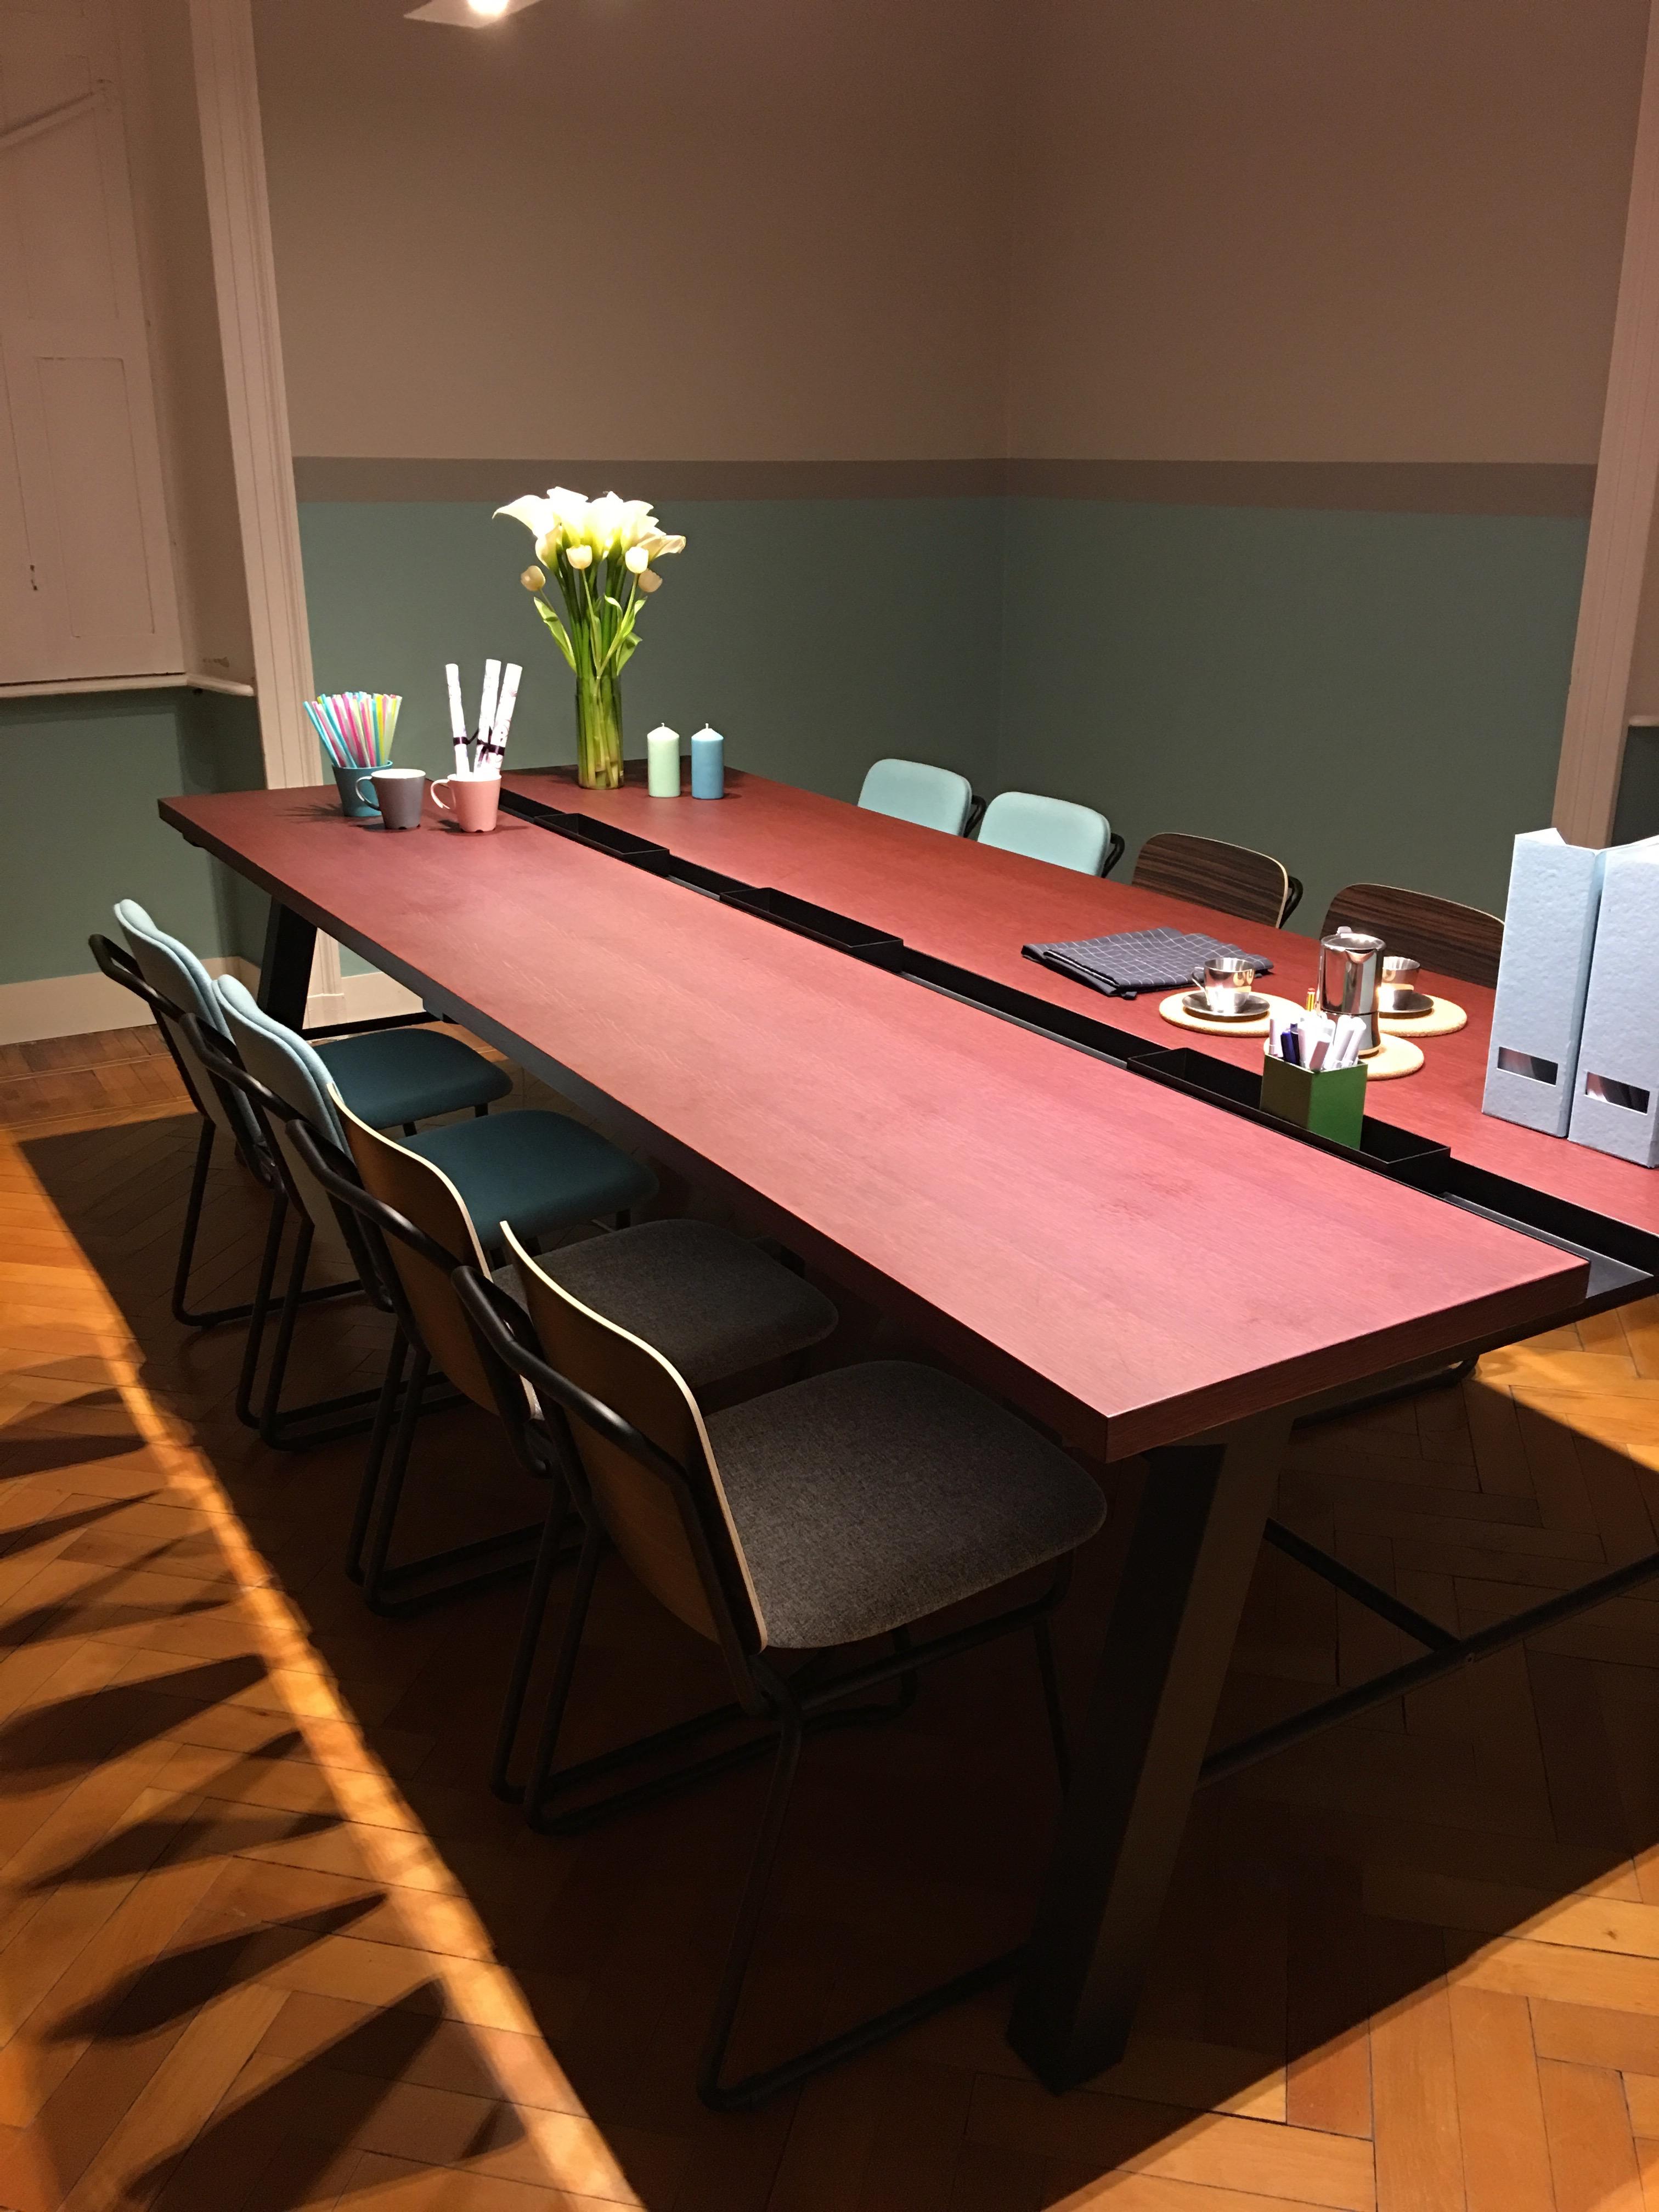 Mangan se pr sente sa collection au salon du design de for Salon du design milan 2017